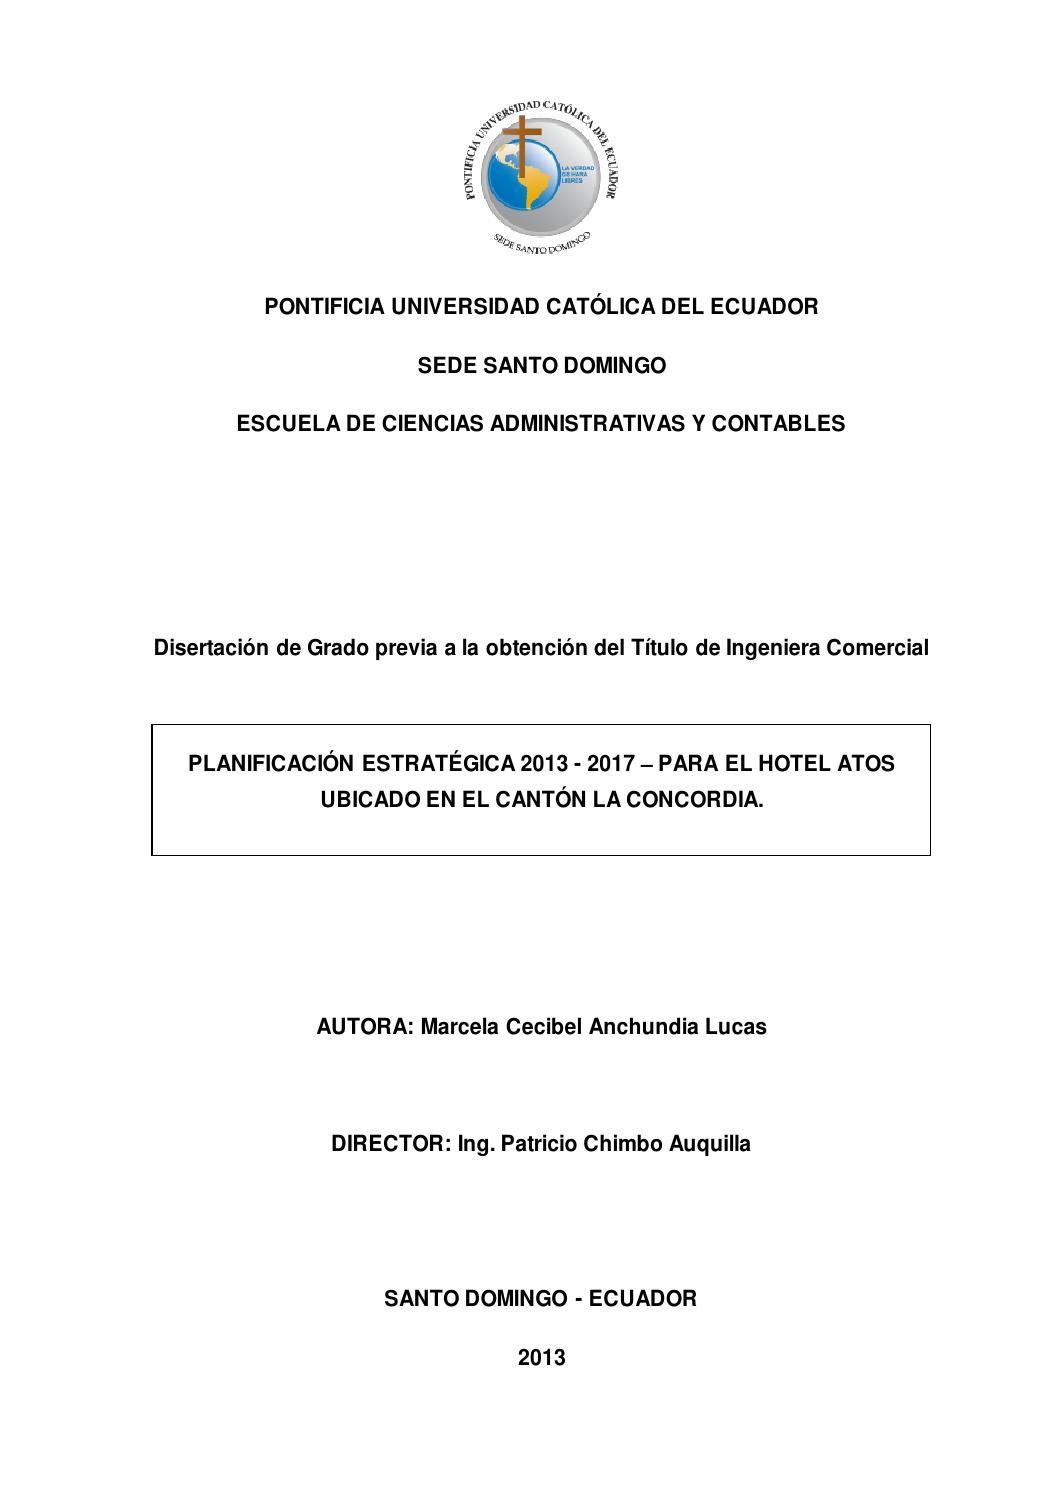 Planificación estratégica 2013-2017 para el Hotel Atos ubicado en el ...